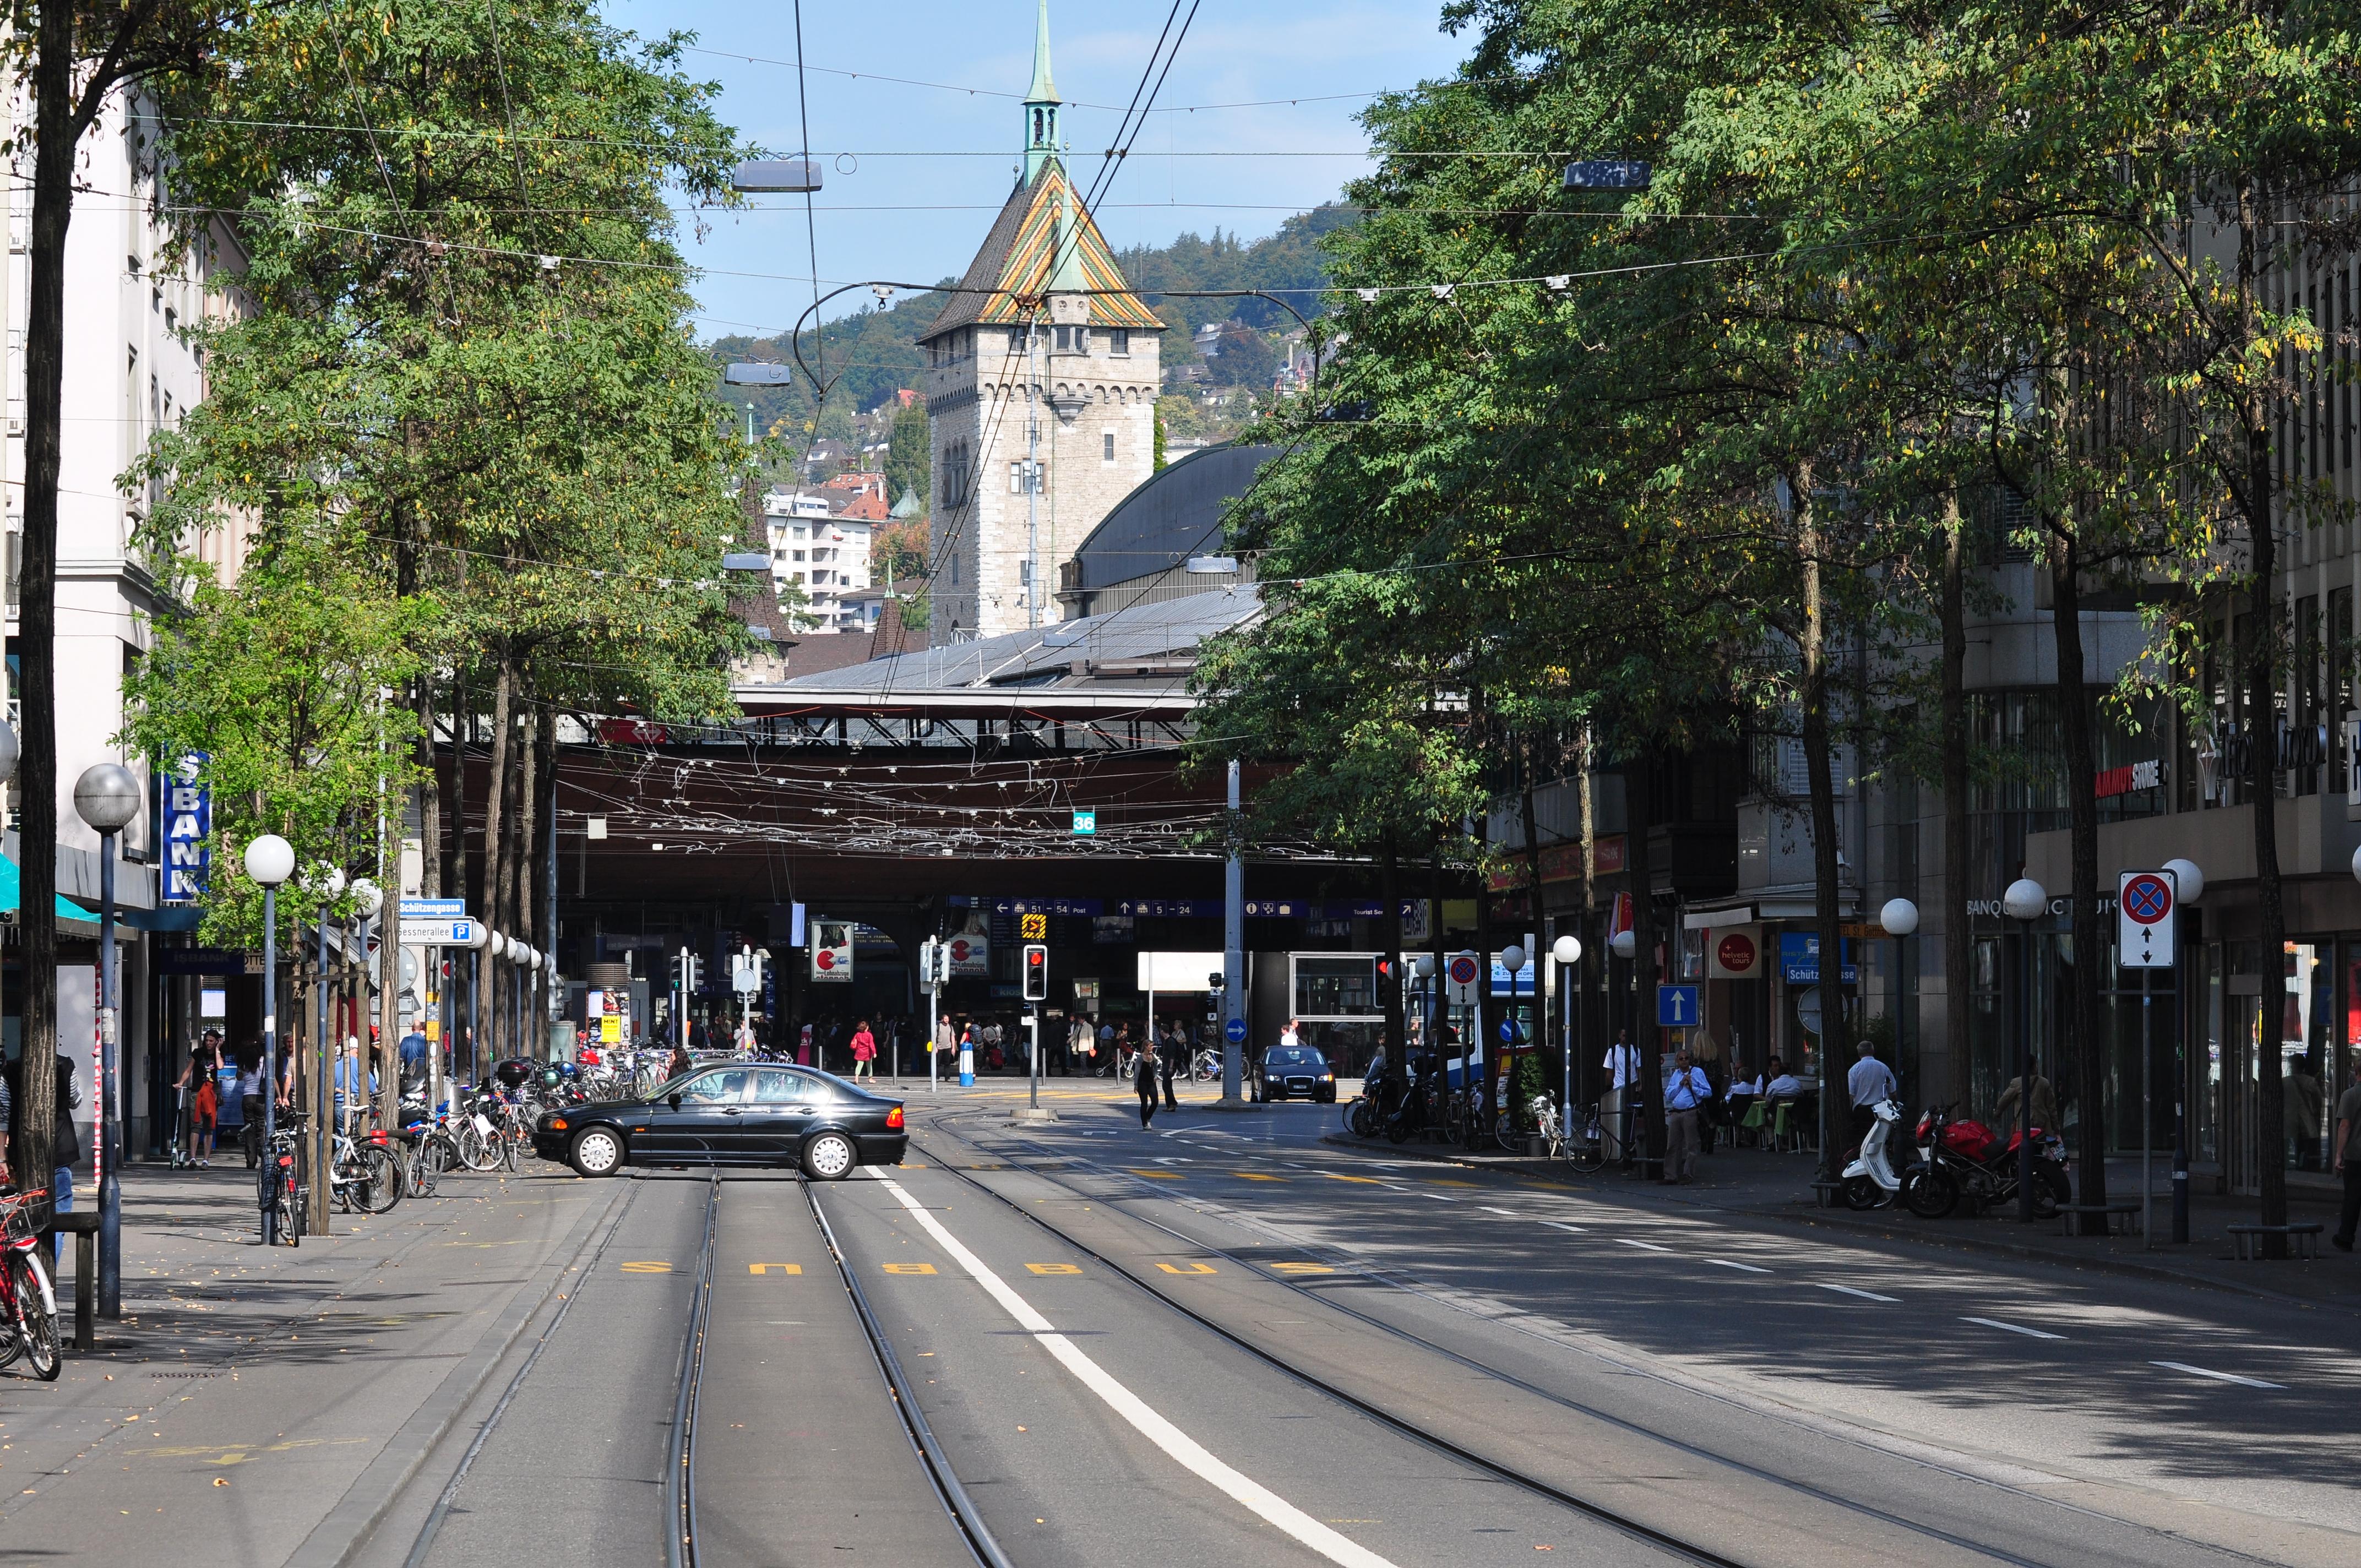 Partnersuche & Partnervermittlung mit PartnerLife Bern Z rich Luzern